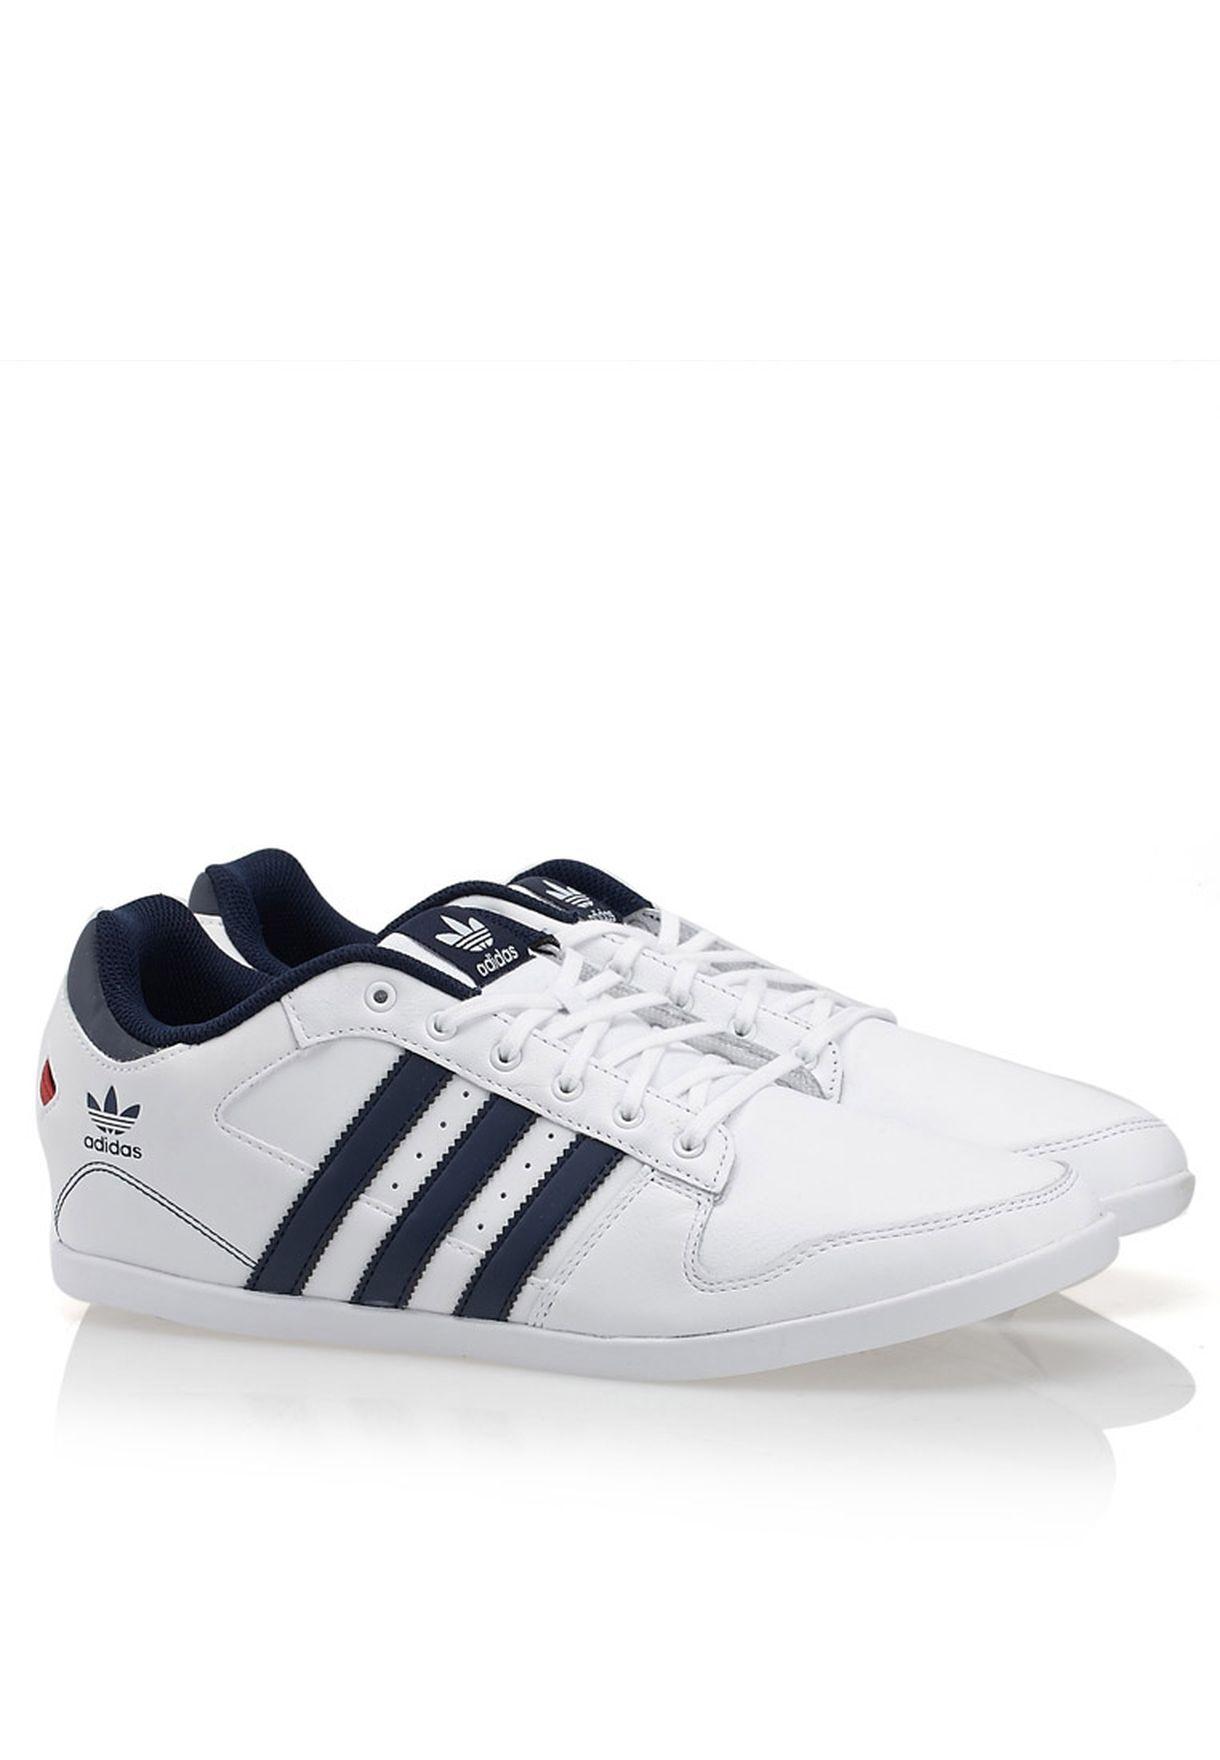 Shop Adidas Originals White Plimcana Lo Adidas Originals